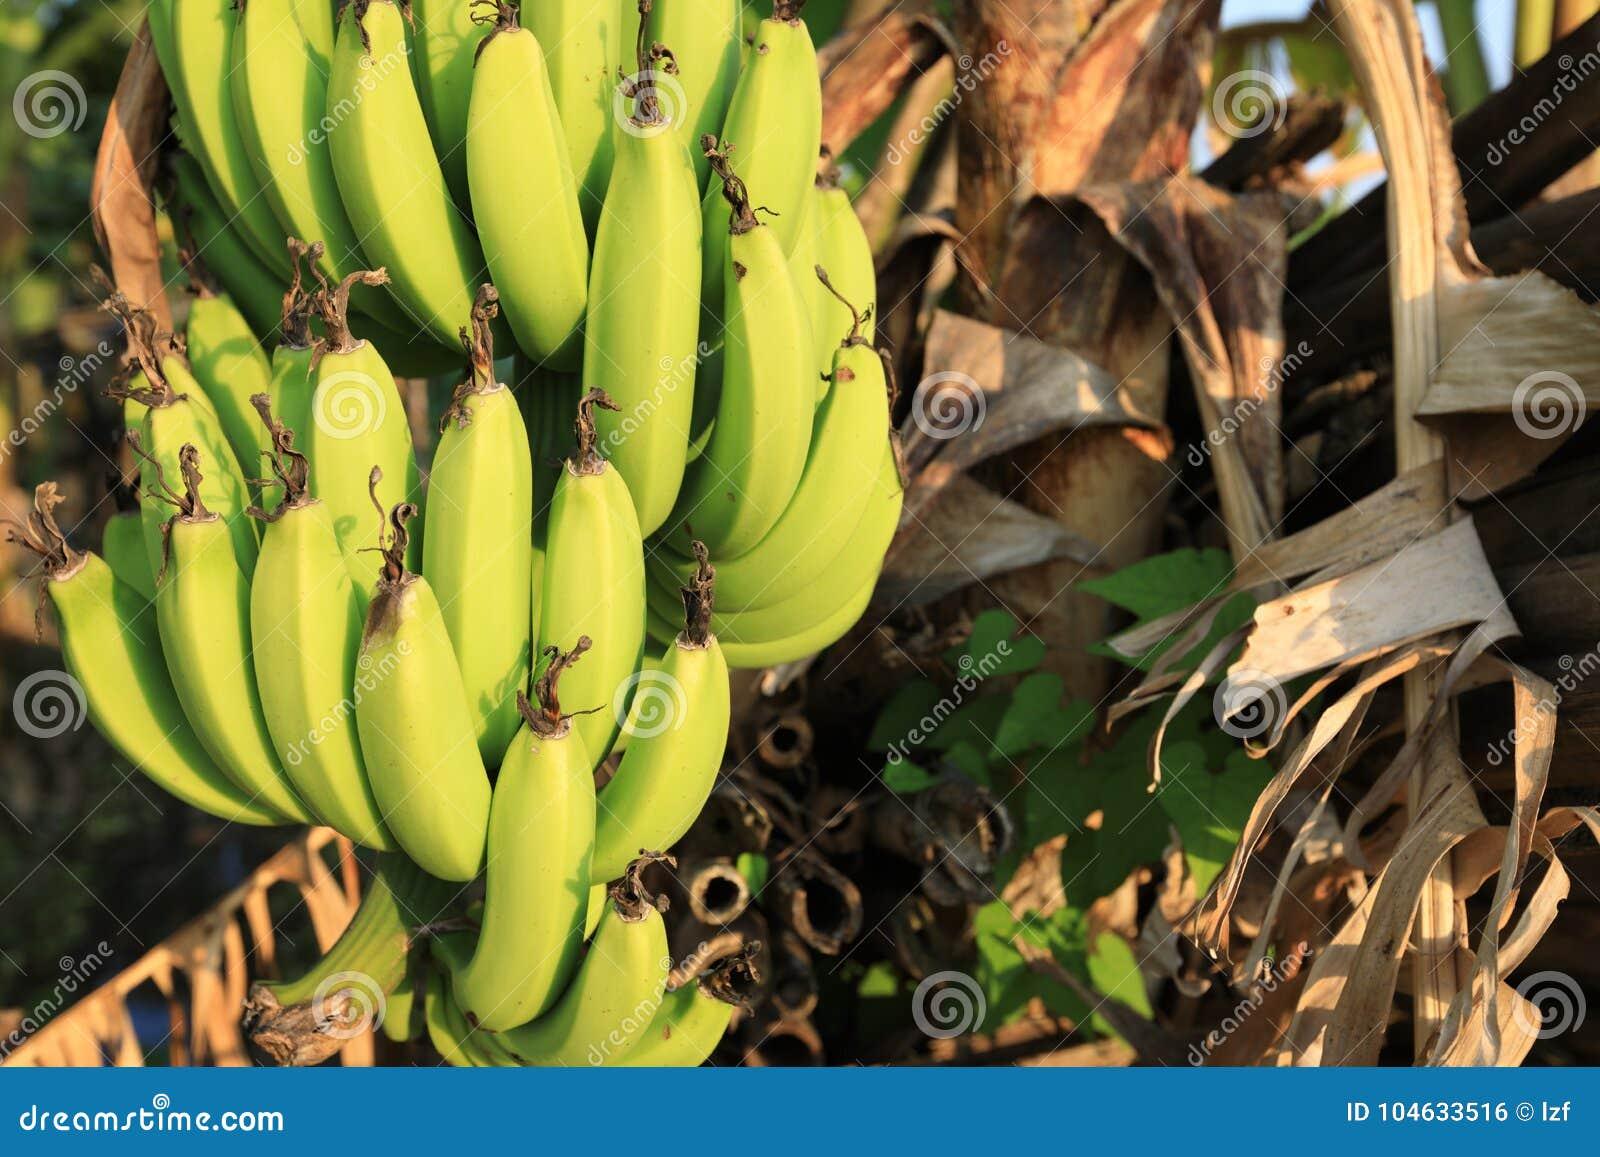 Download De Boom Van De Banaan Met Een Bos Van Bananen Stock Foto - Afbeelding bestaande uit nave, bananen: 104633516